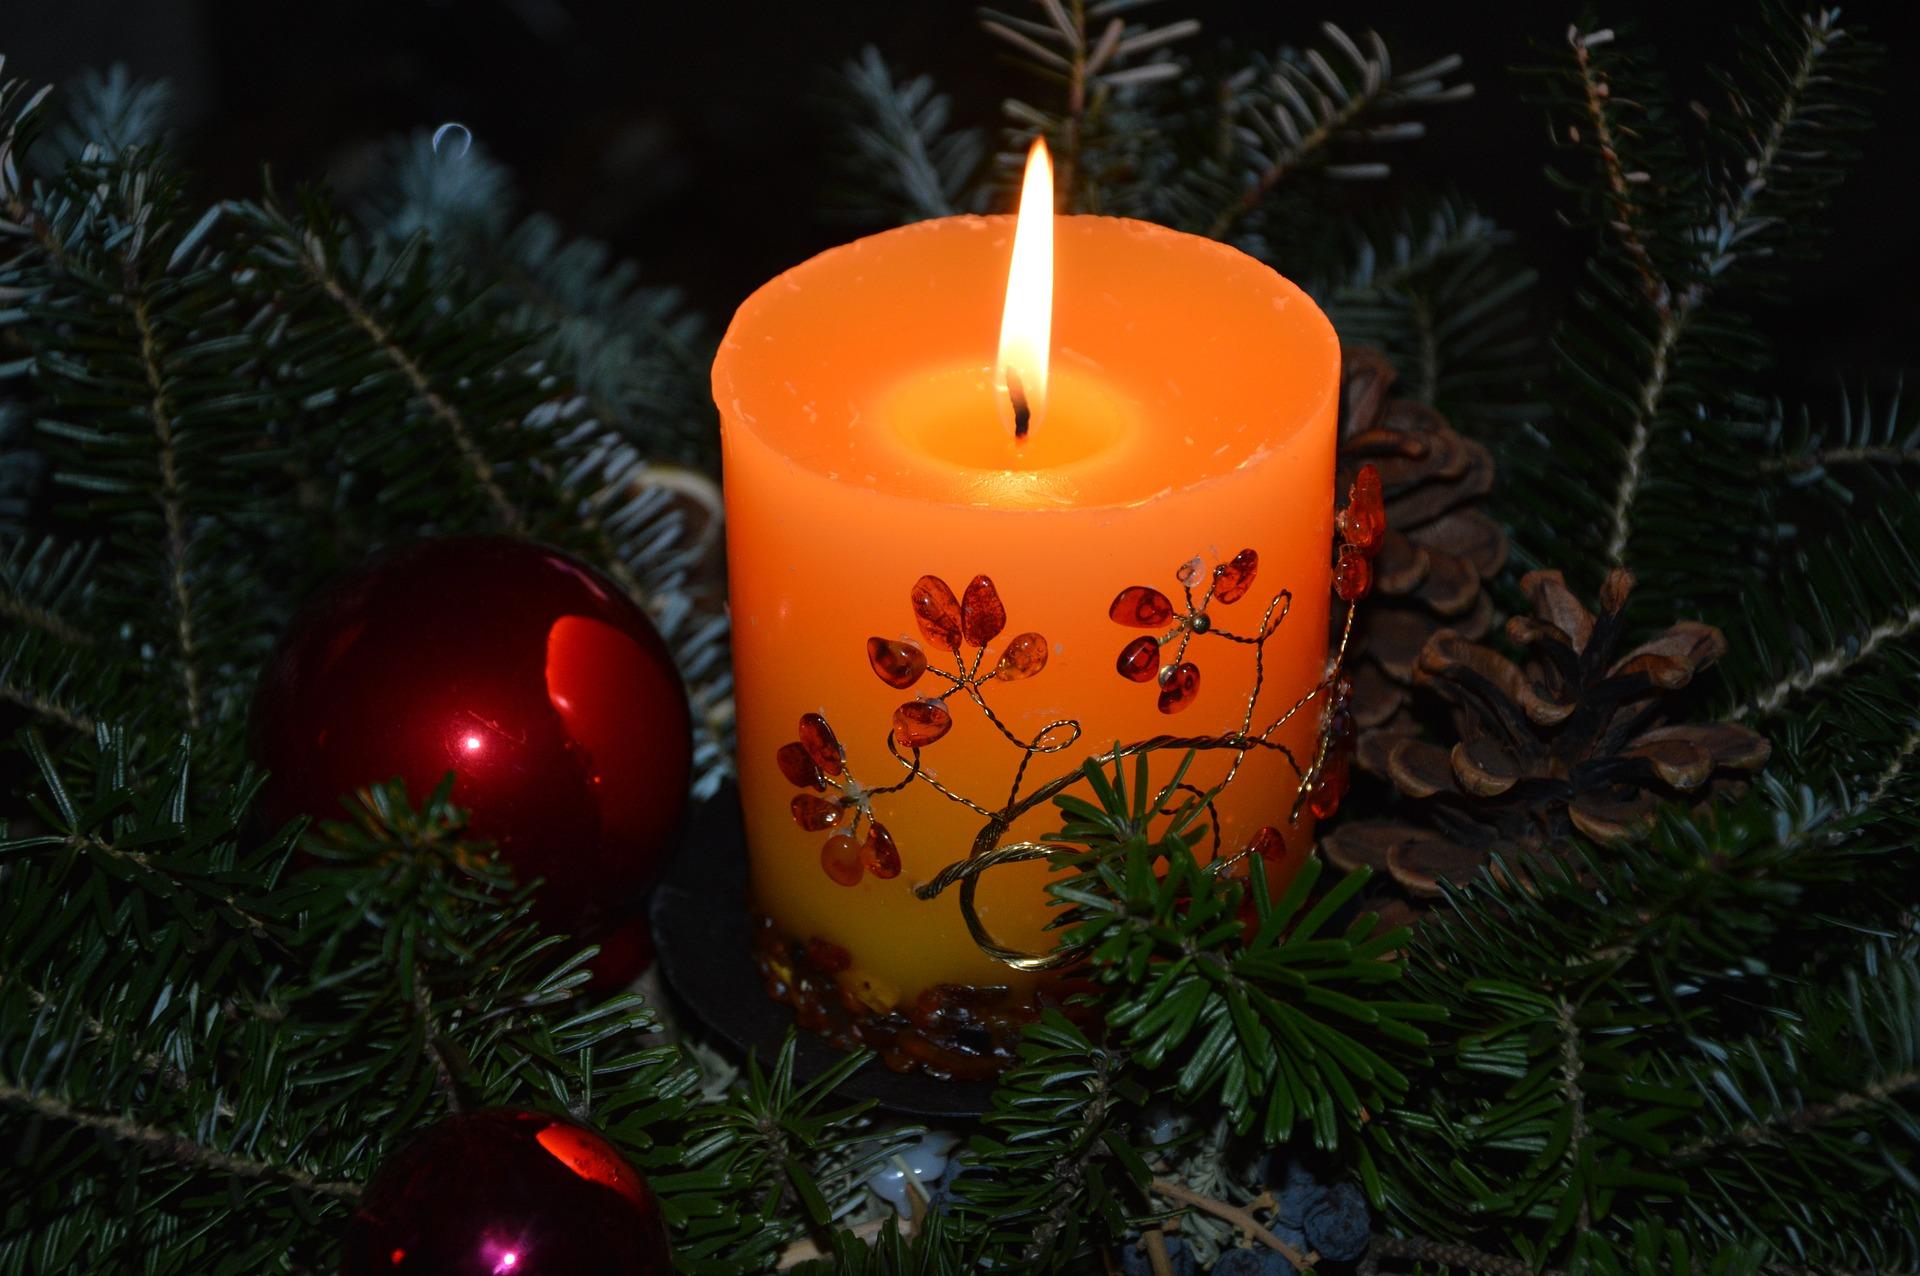 Christmas in England © peggychoucair | pixabay.com